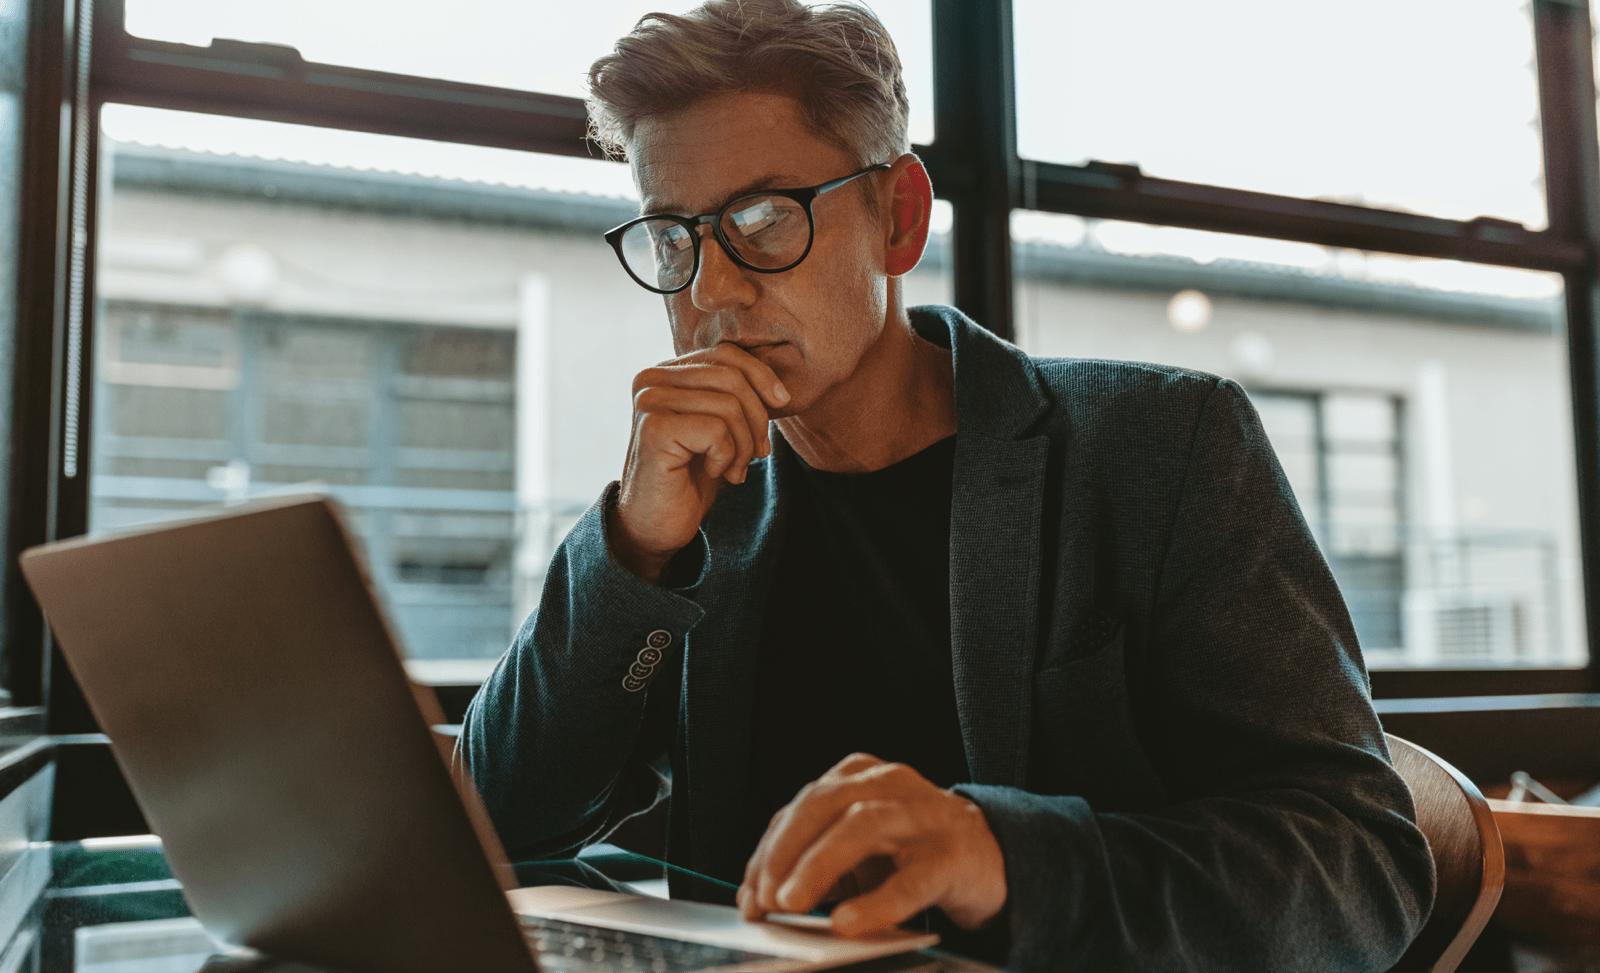 ノートパソコンを見る男性